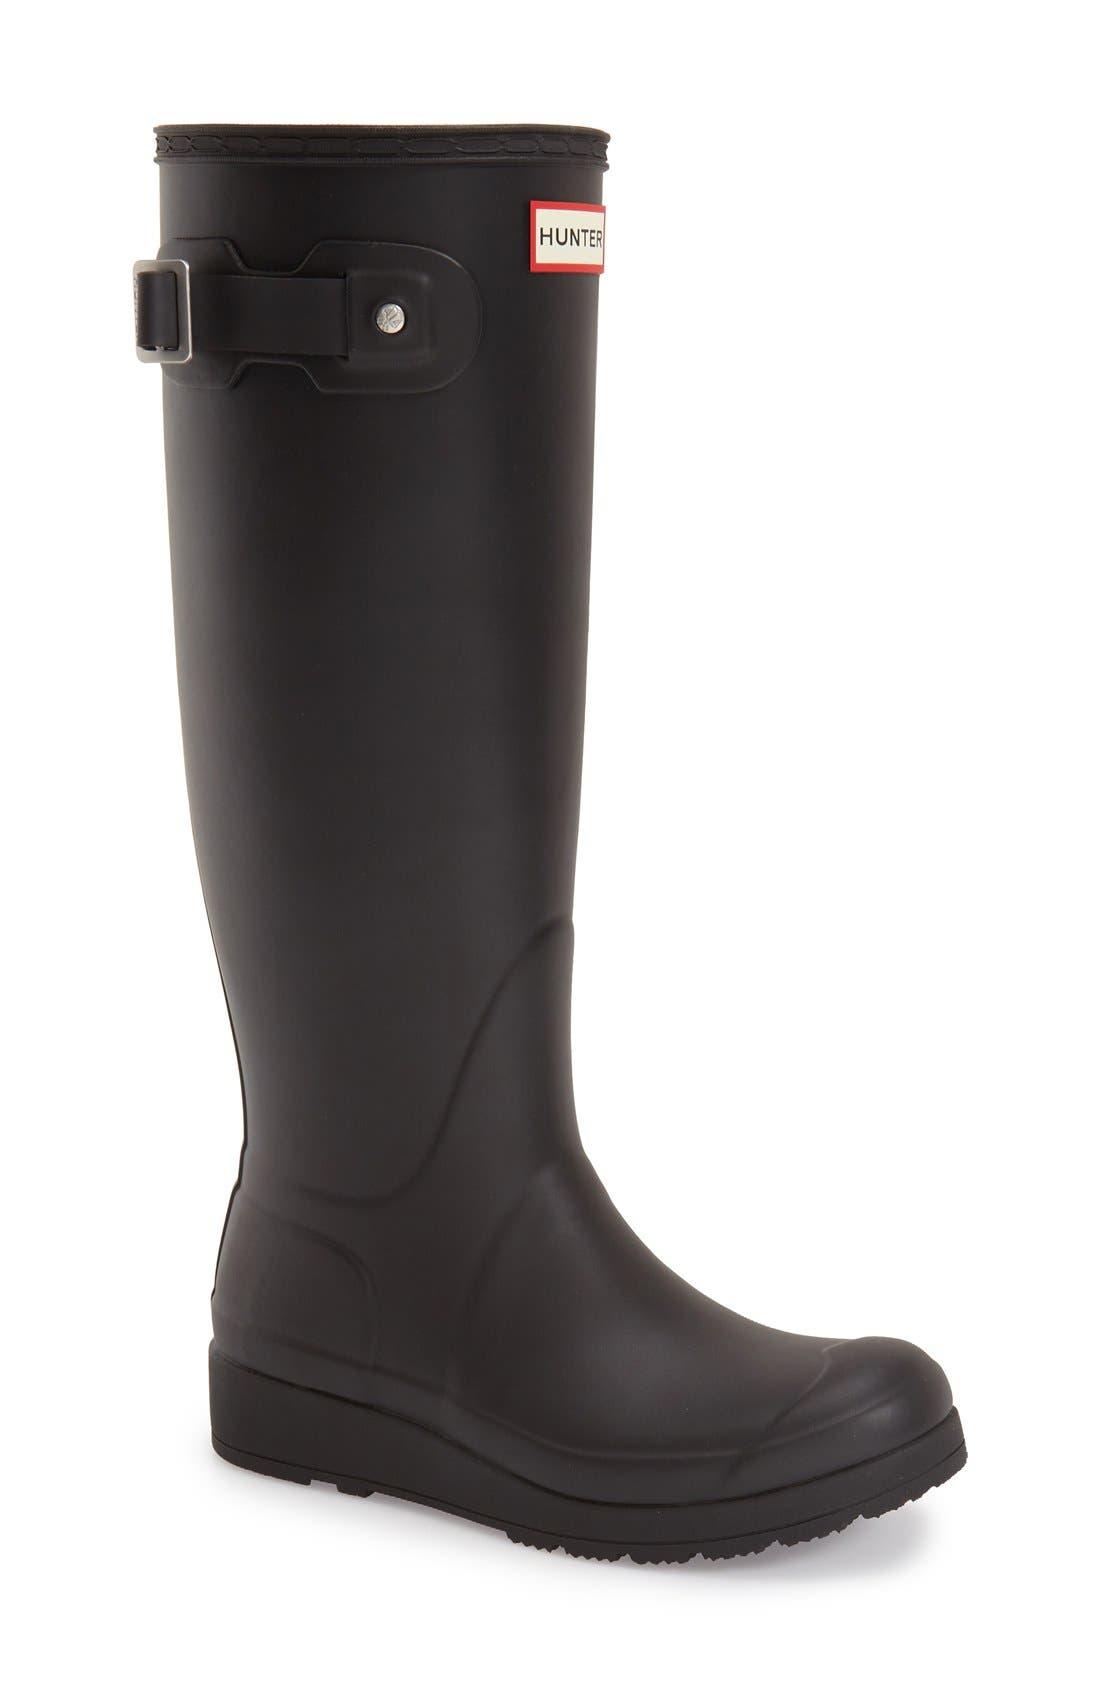 Alternate Image 1 Selected - Hunter 'Original Tall- Wedge' Rain Boot (Women)